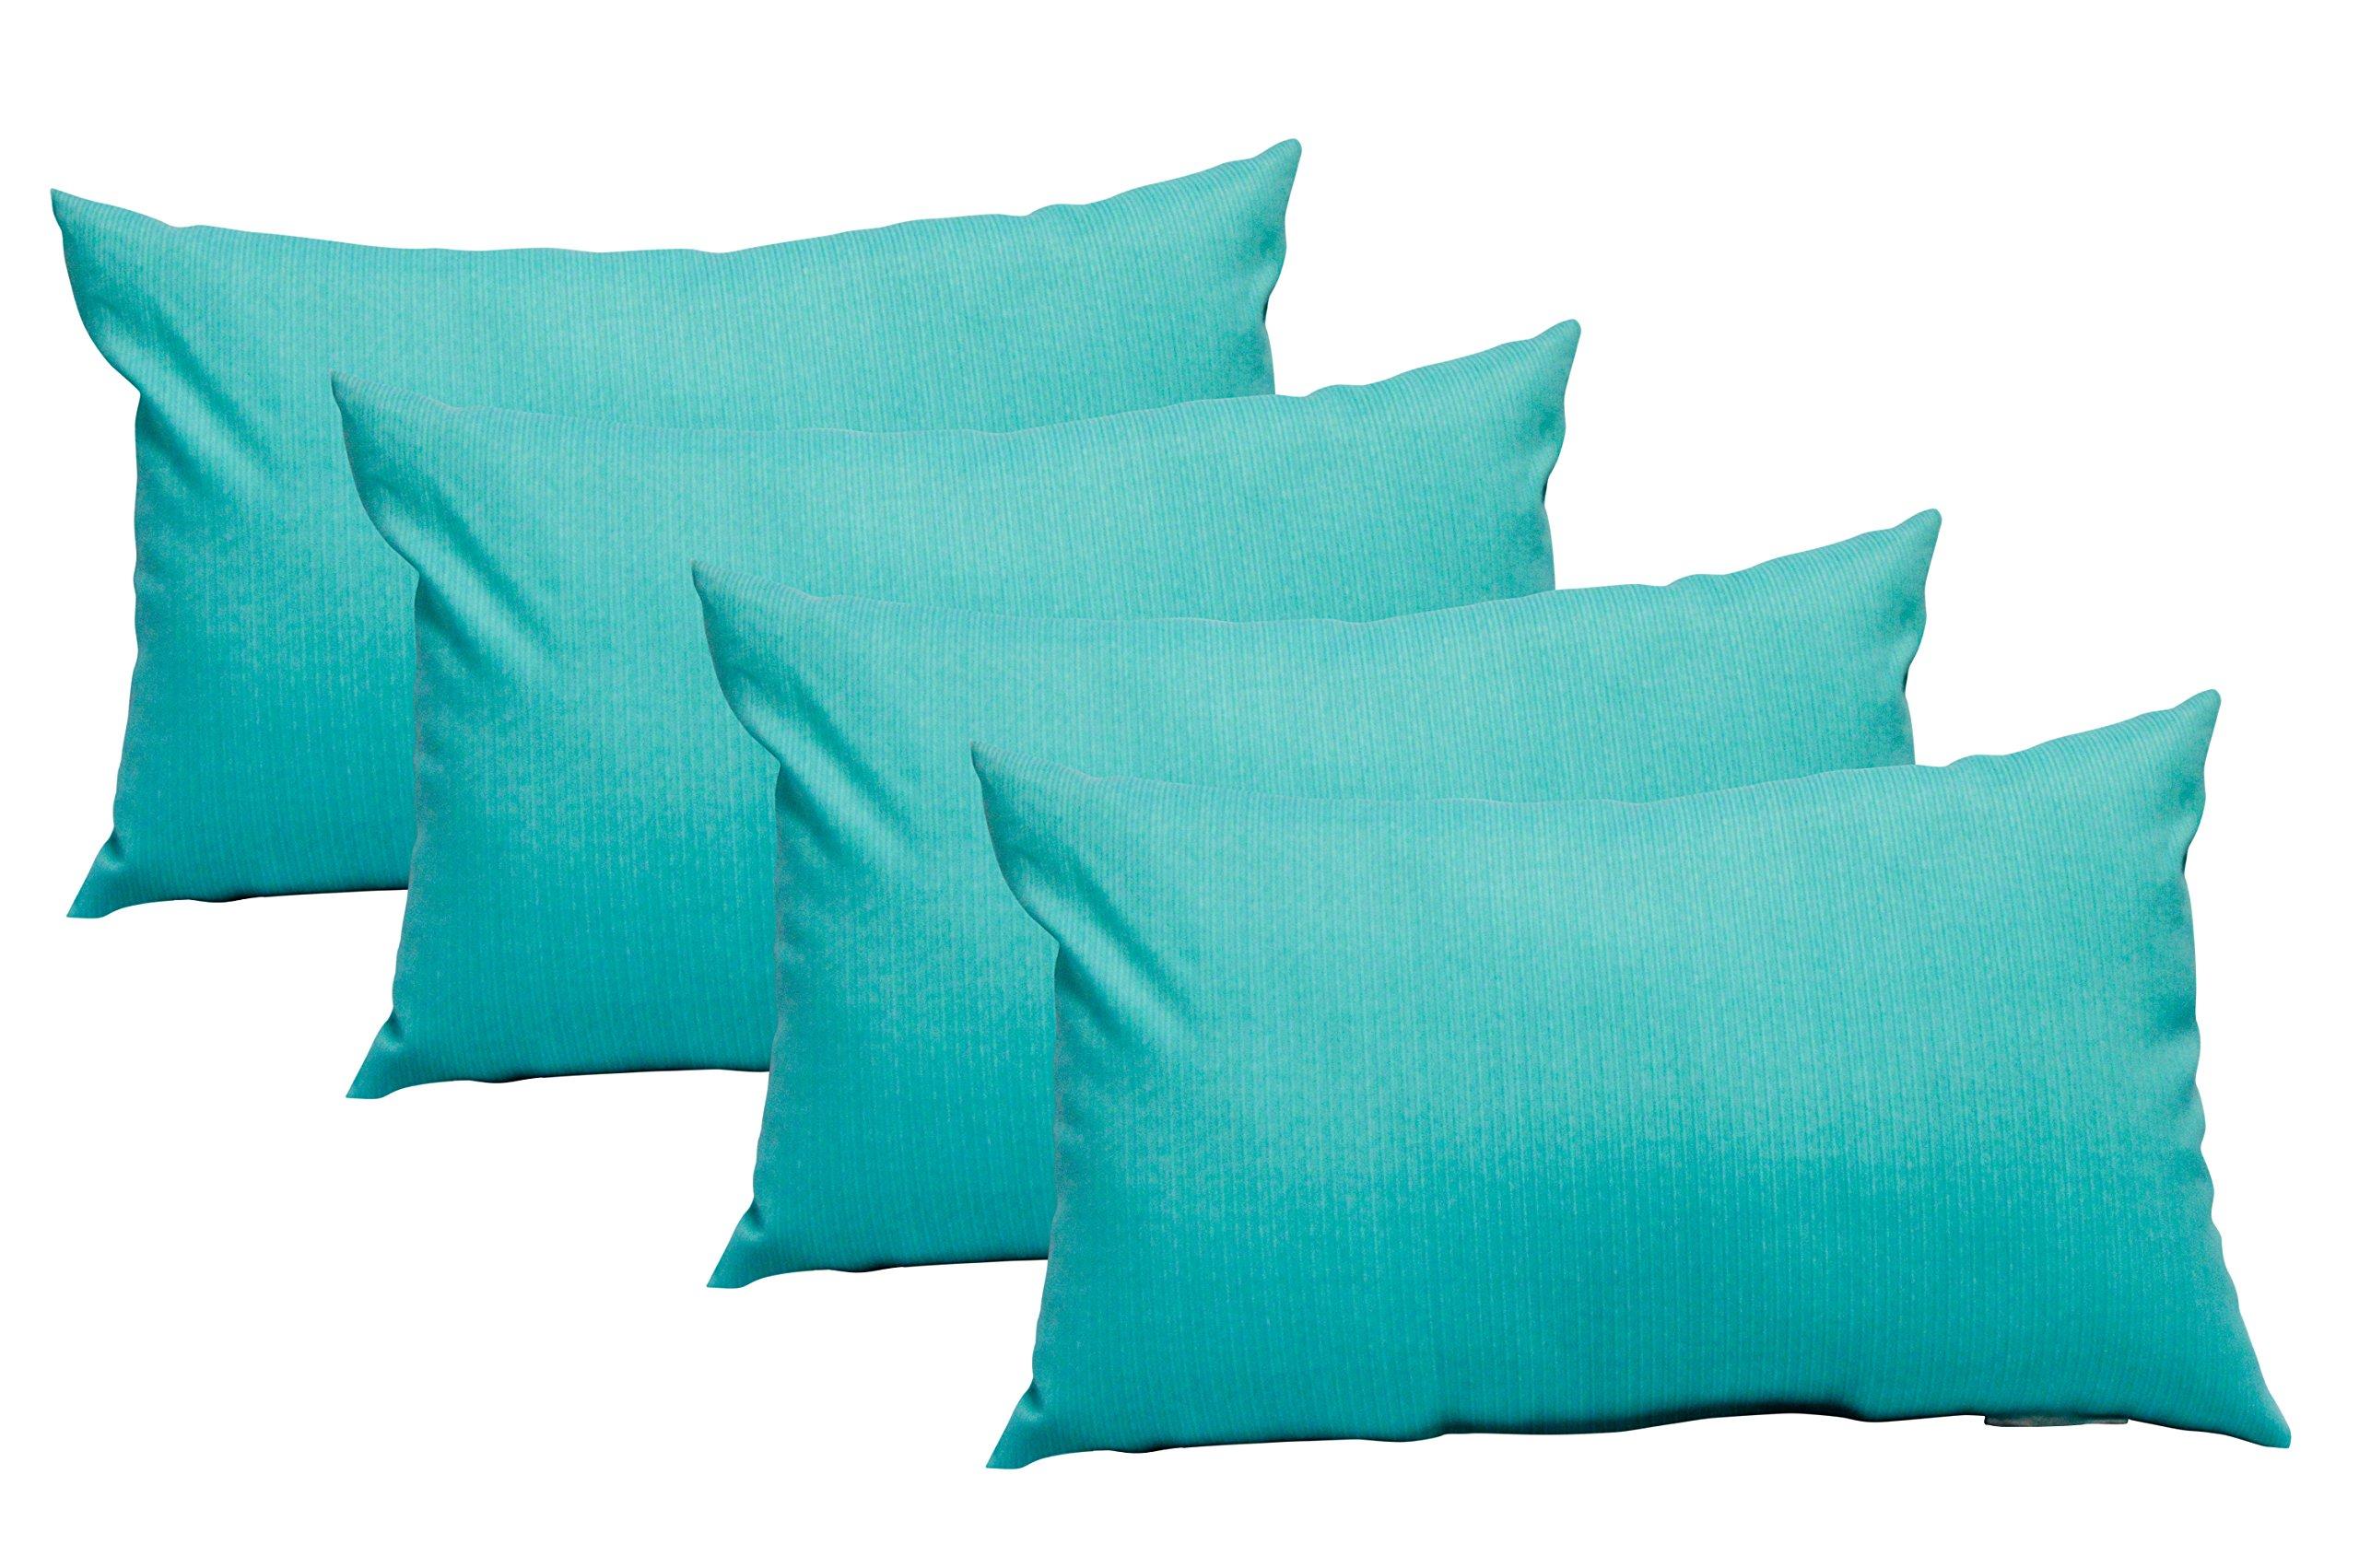 Set of 4 Indoor / Outdoor Decorative Lumbar / Rectangle Pillows - Teal Twill Mini Strip Pattern